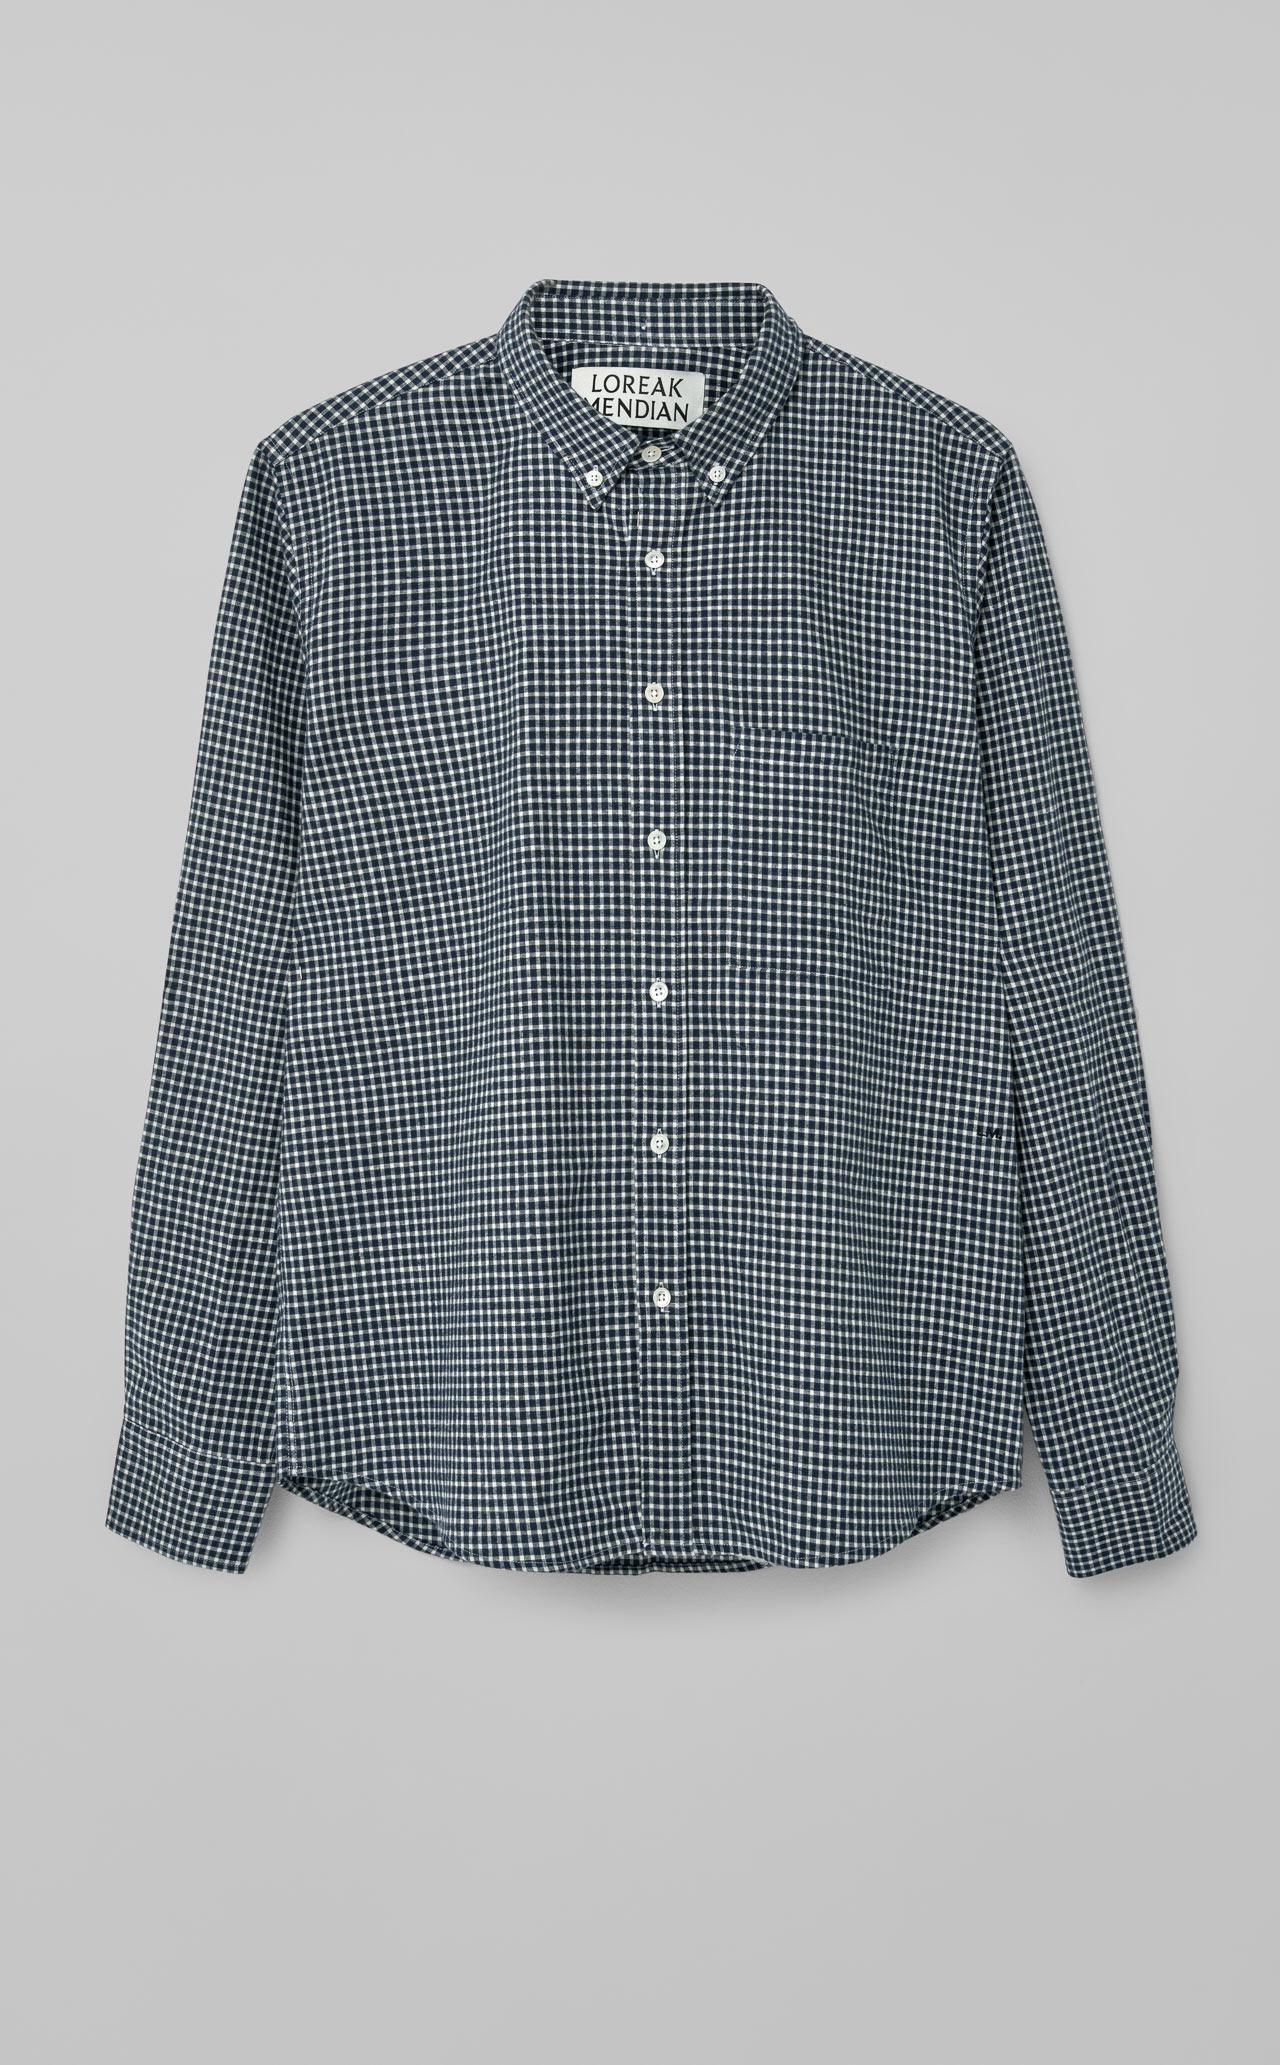 Camisa Forka